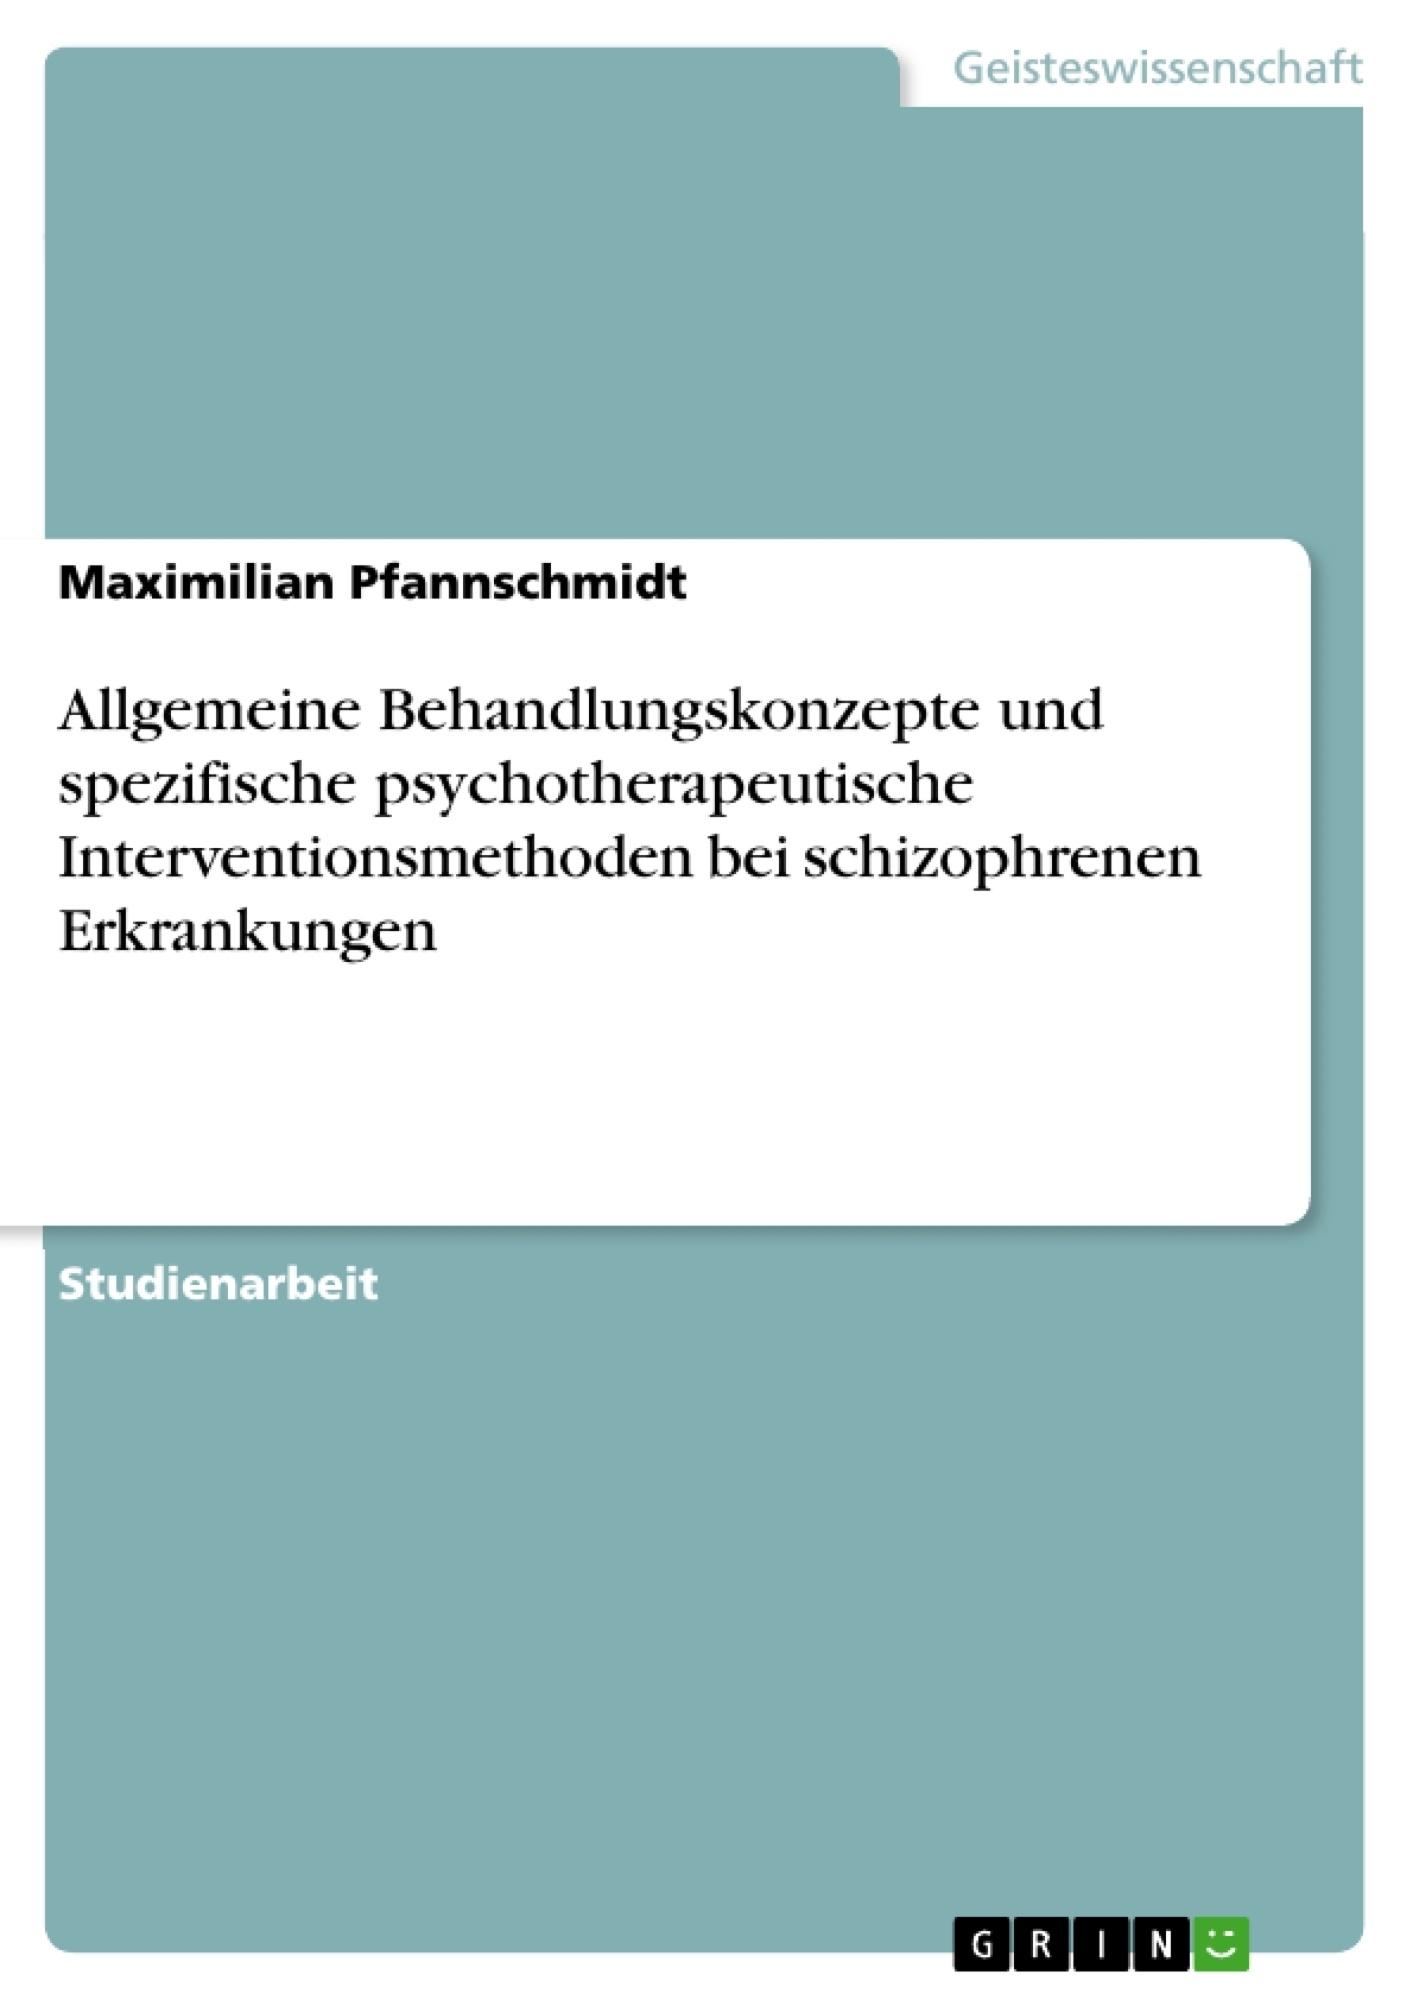 Titel: Allgemeine Behandlungskonzepte und spezifische psychotherapeutische Interventionsmethoden bei schizophrenen Erkrankungen